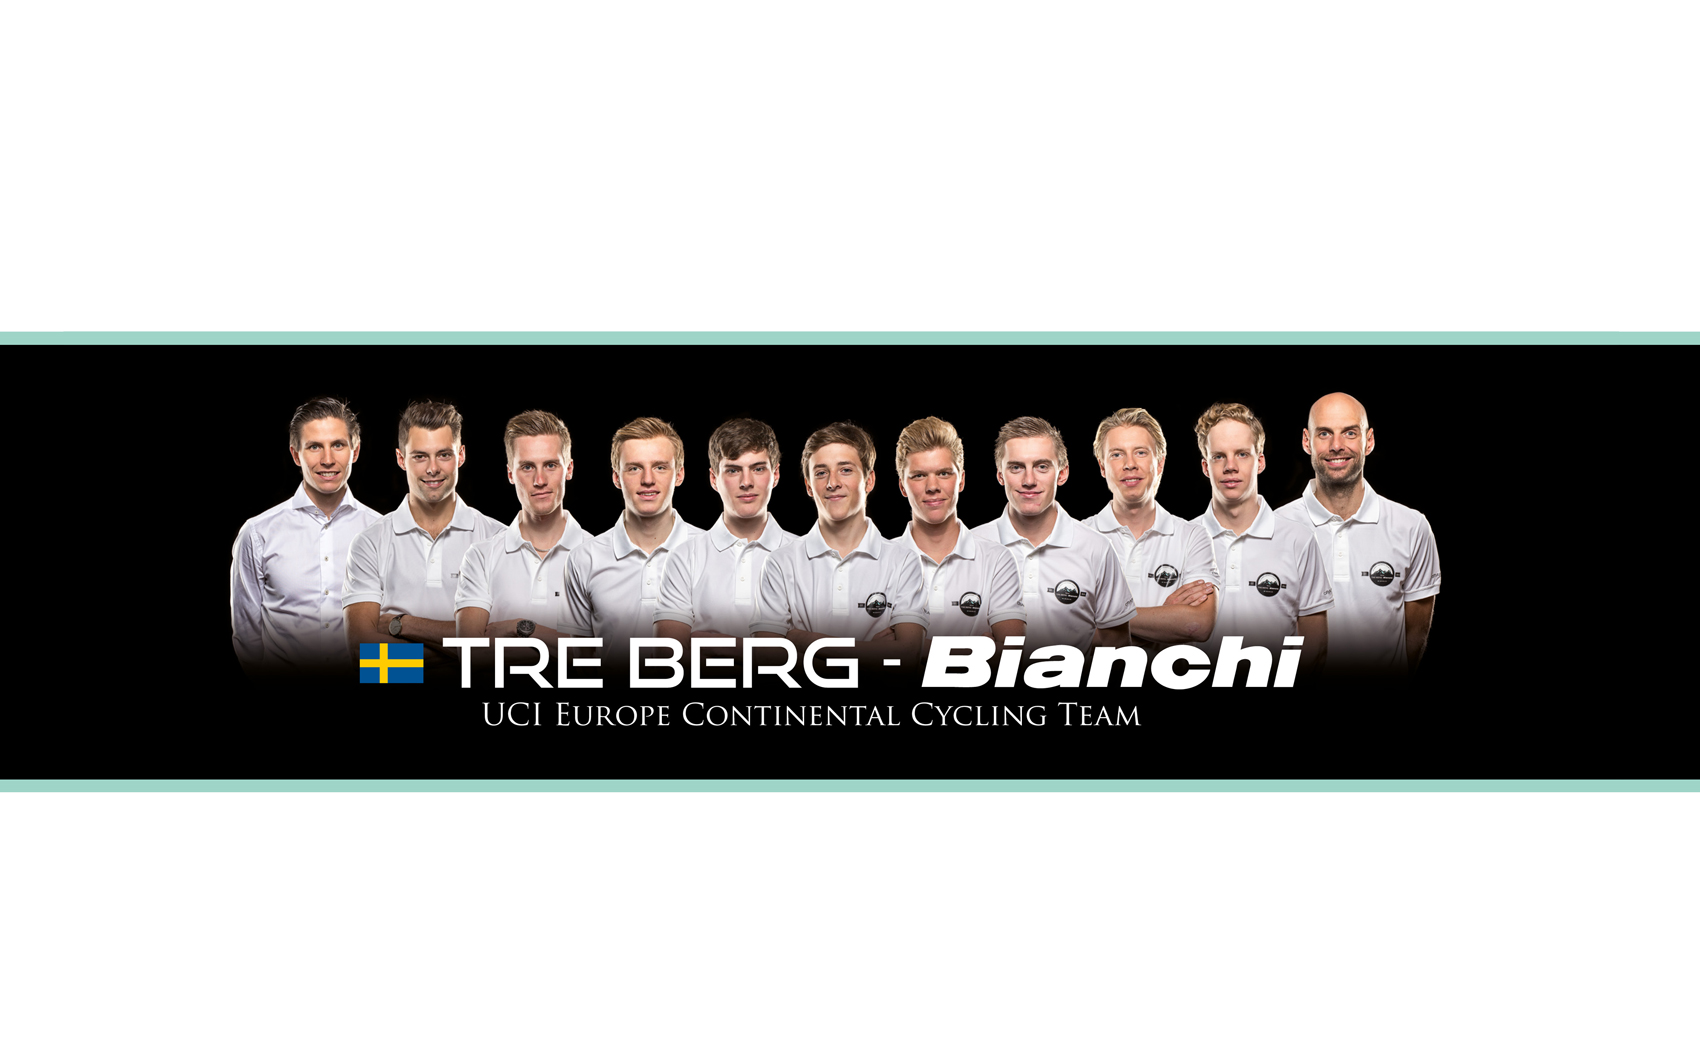 team_treberg_BG_1700x1037_vit